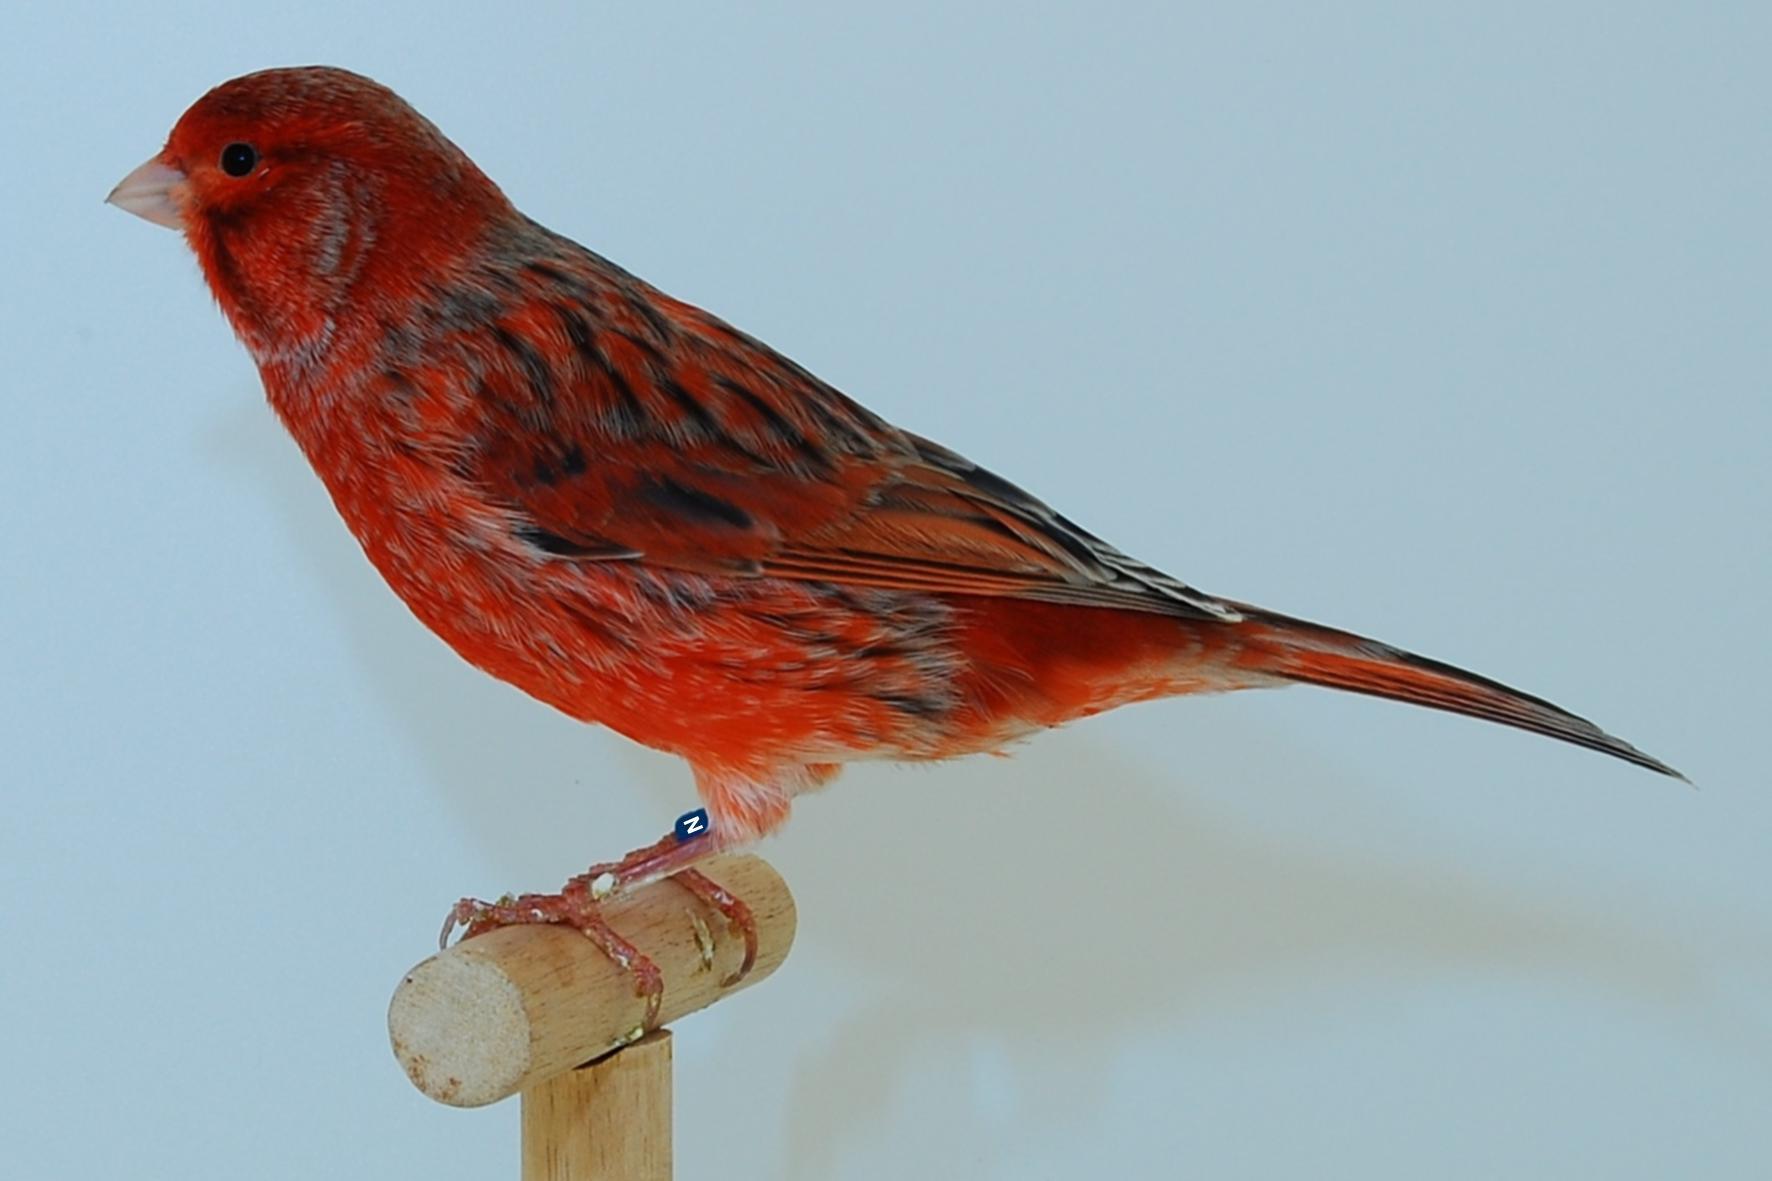 Fabulous Datei:Achat rot schimmel.jpg – Wikipedia BK69